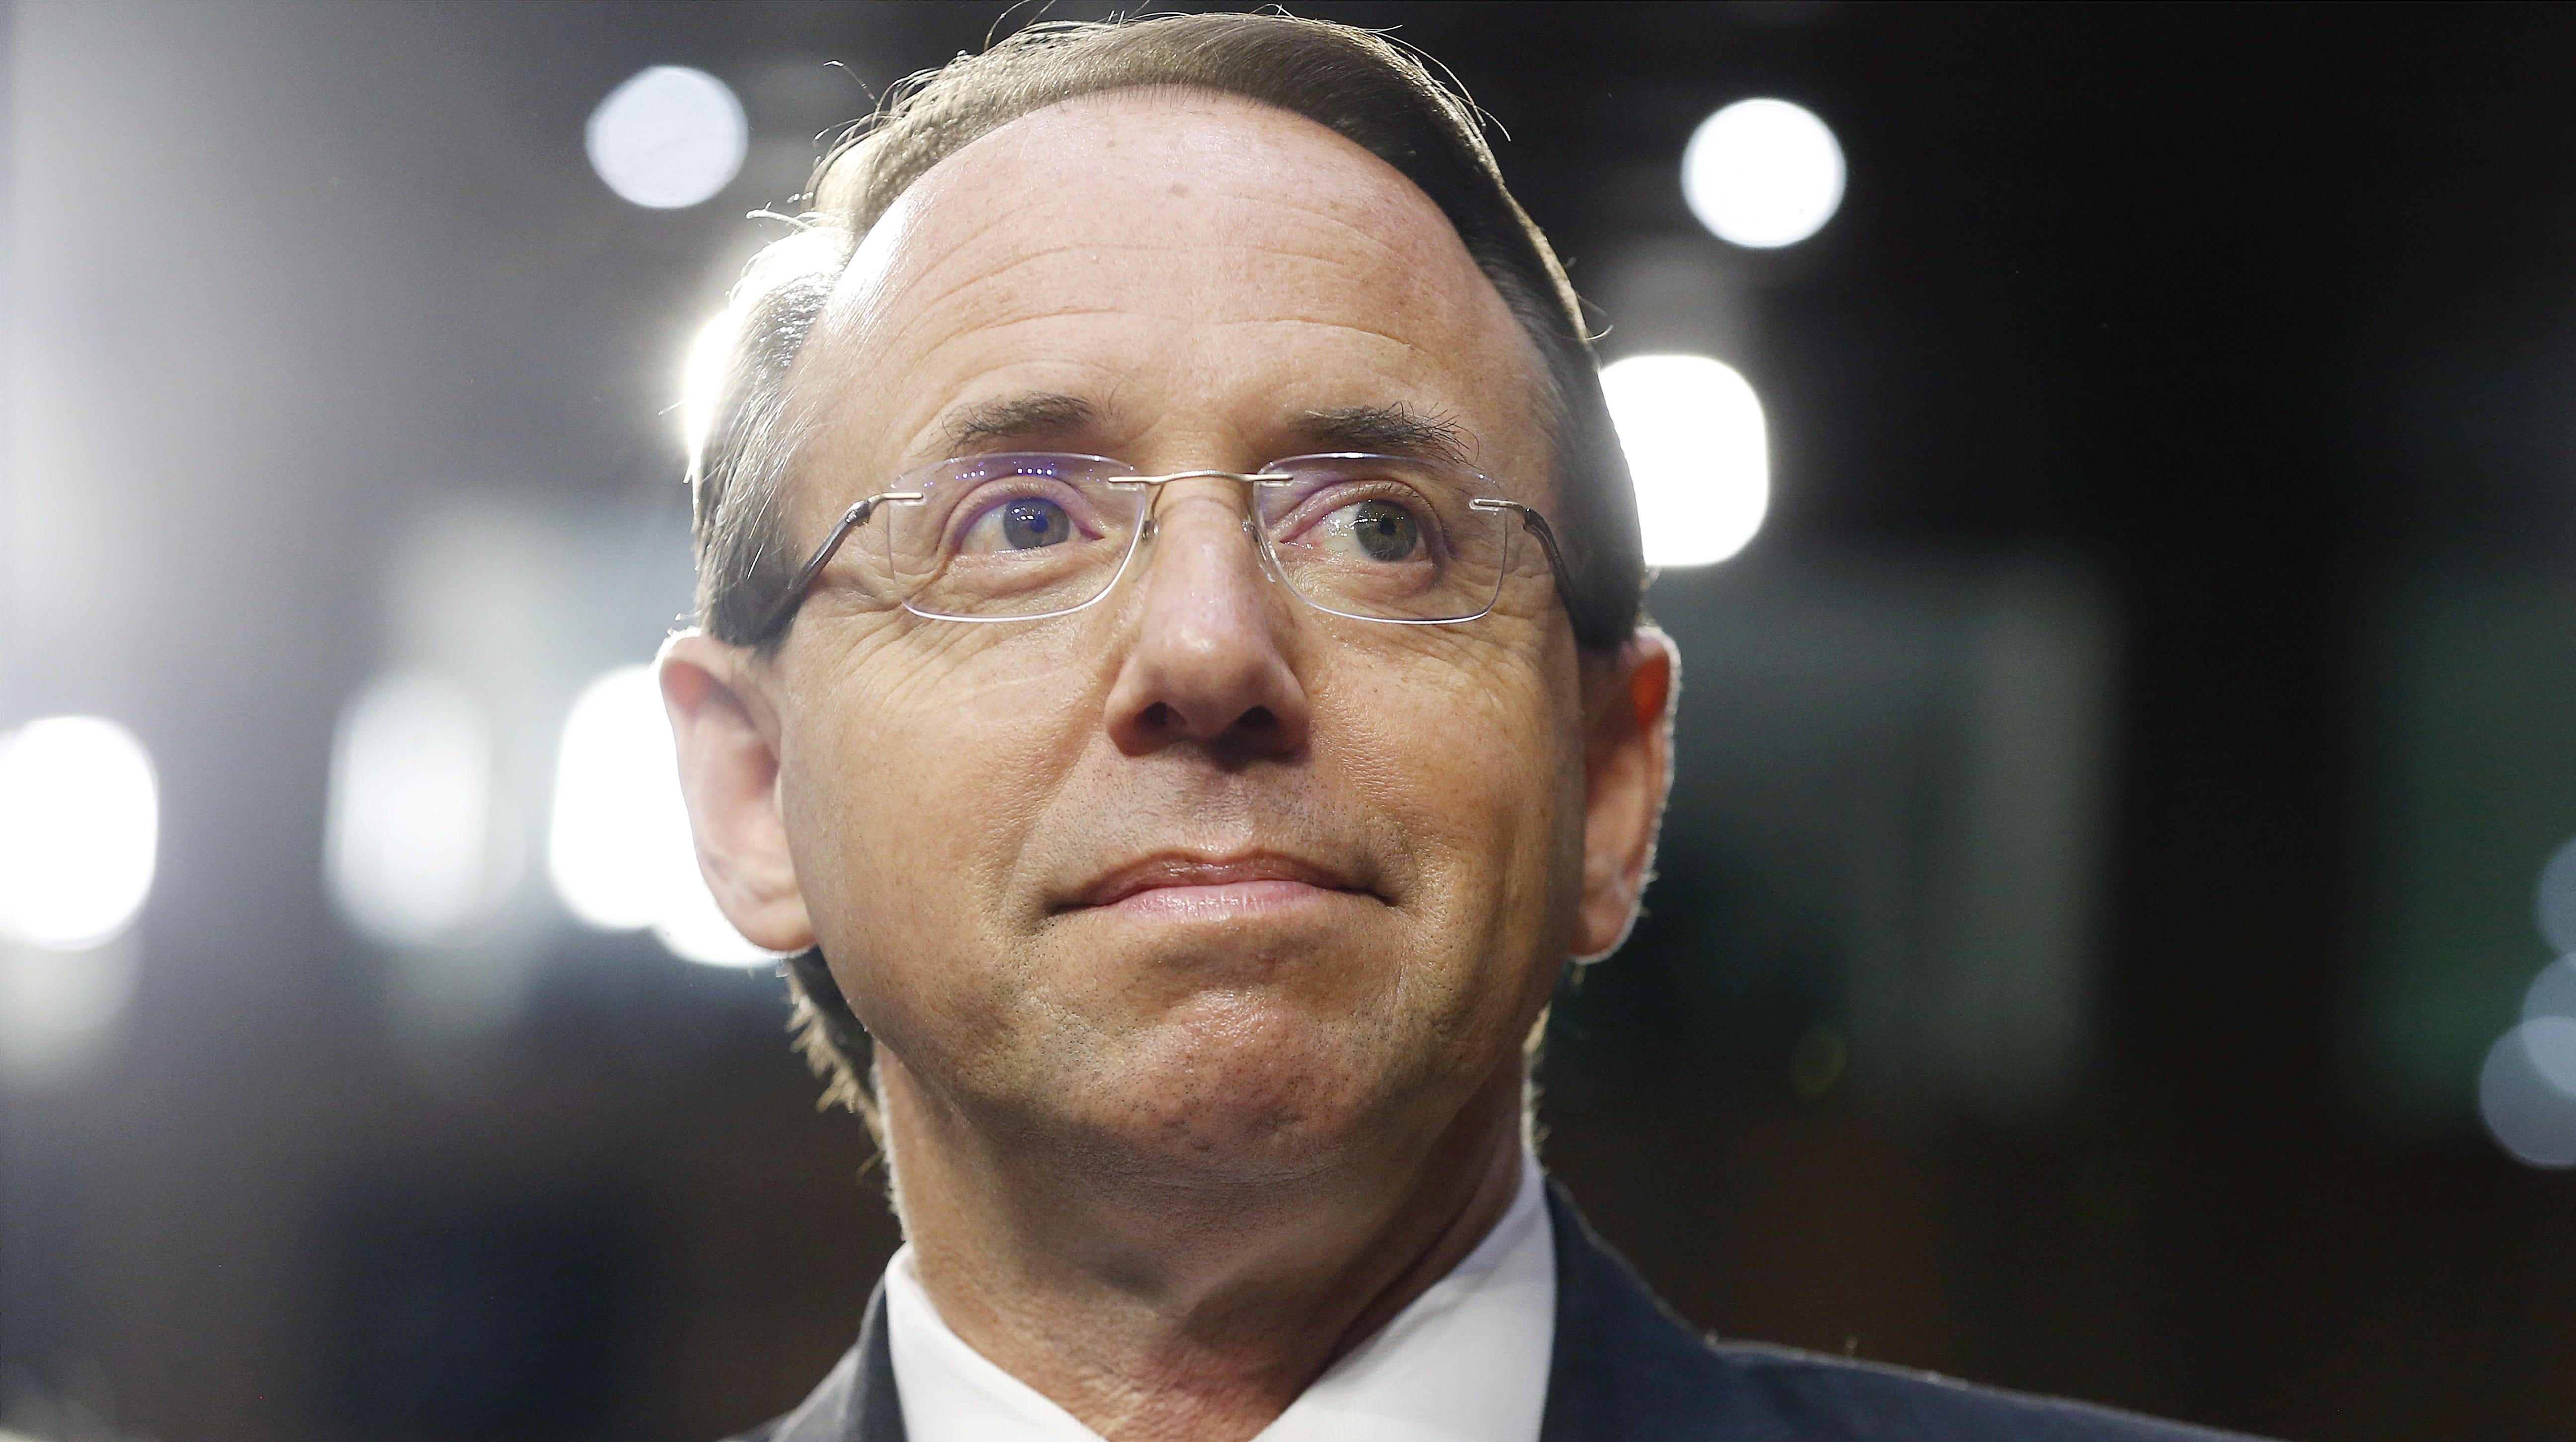 Deputy US Attorney General Rod Rosenstein